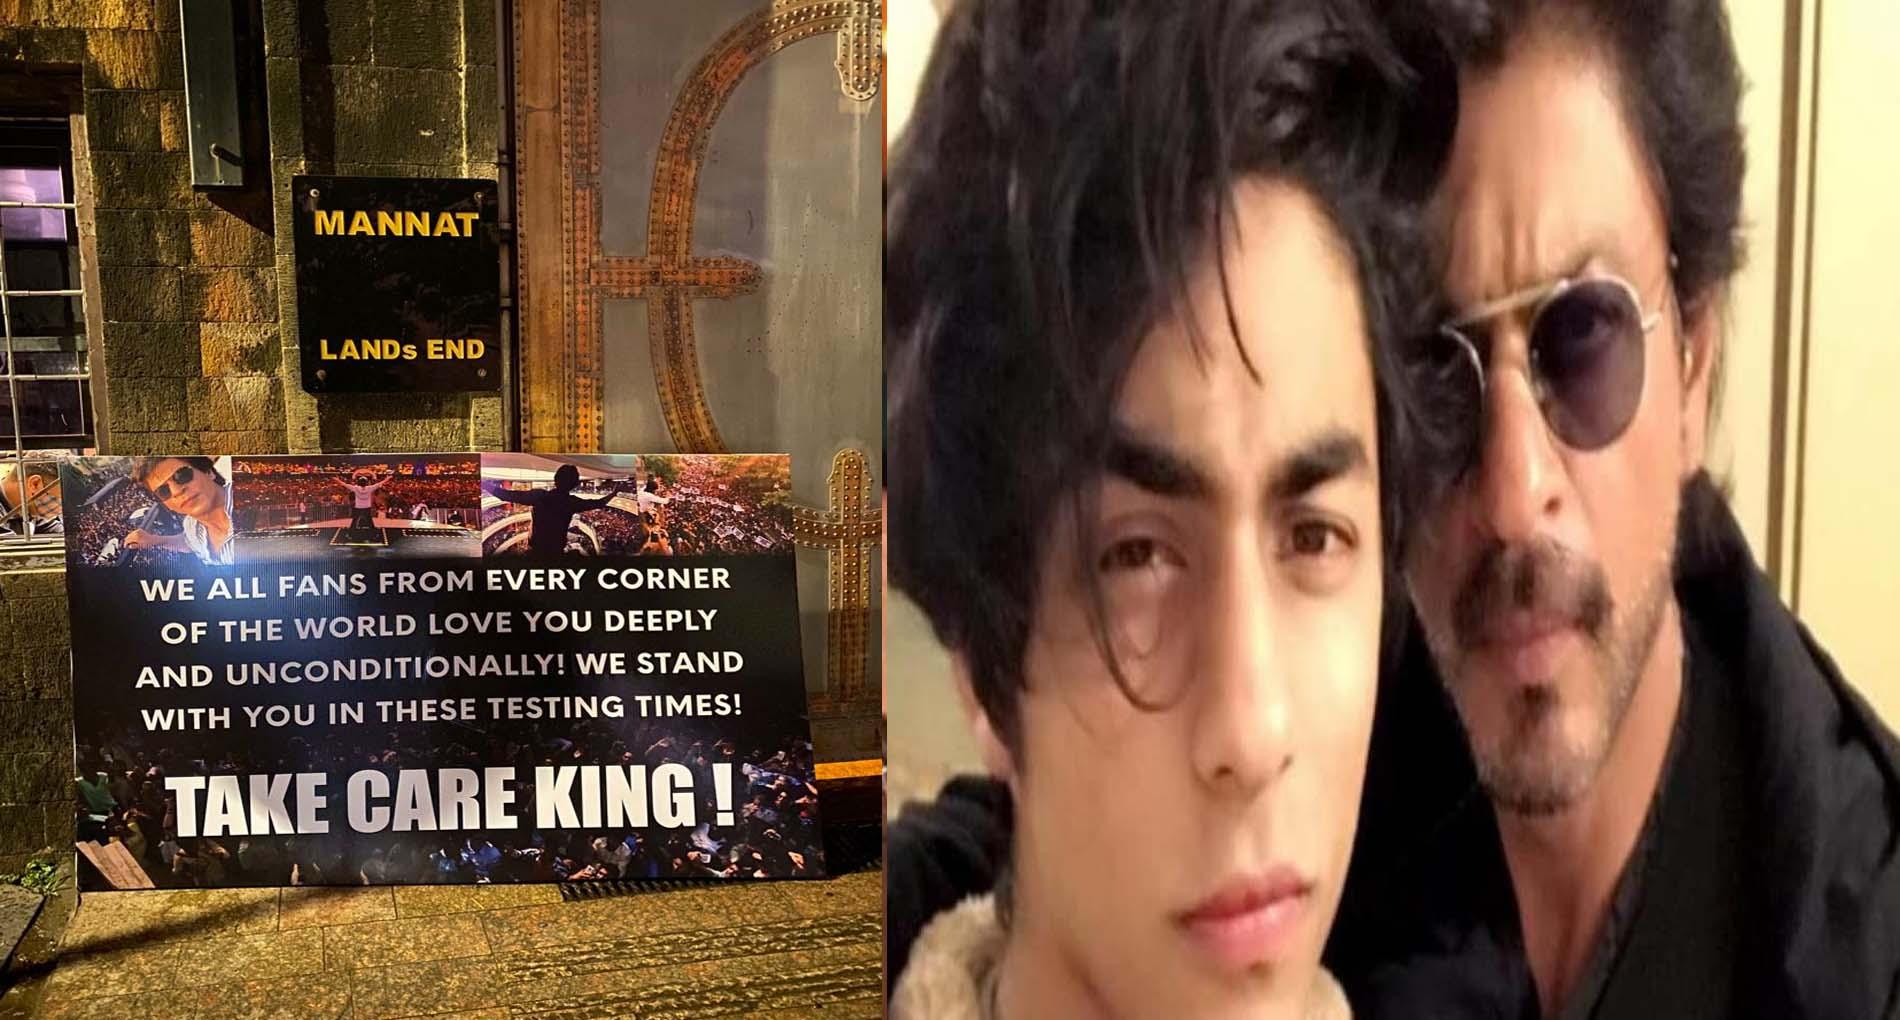 """आर्यन खान की गिरफ्तारी के बाद शाहरुख खान के सपोर्ट में आए फैन्स! कहा- """"TAKE CARE KING"""""""